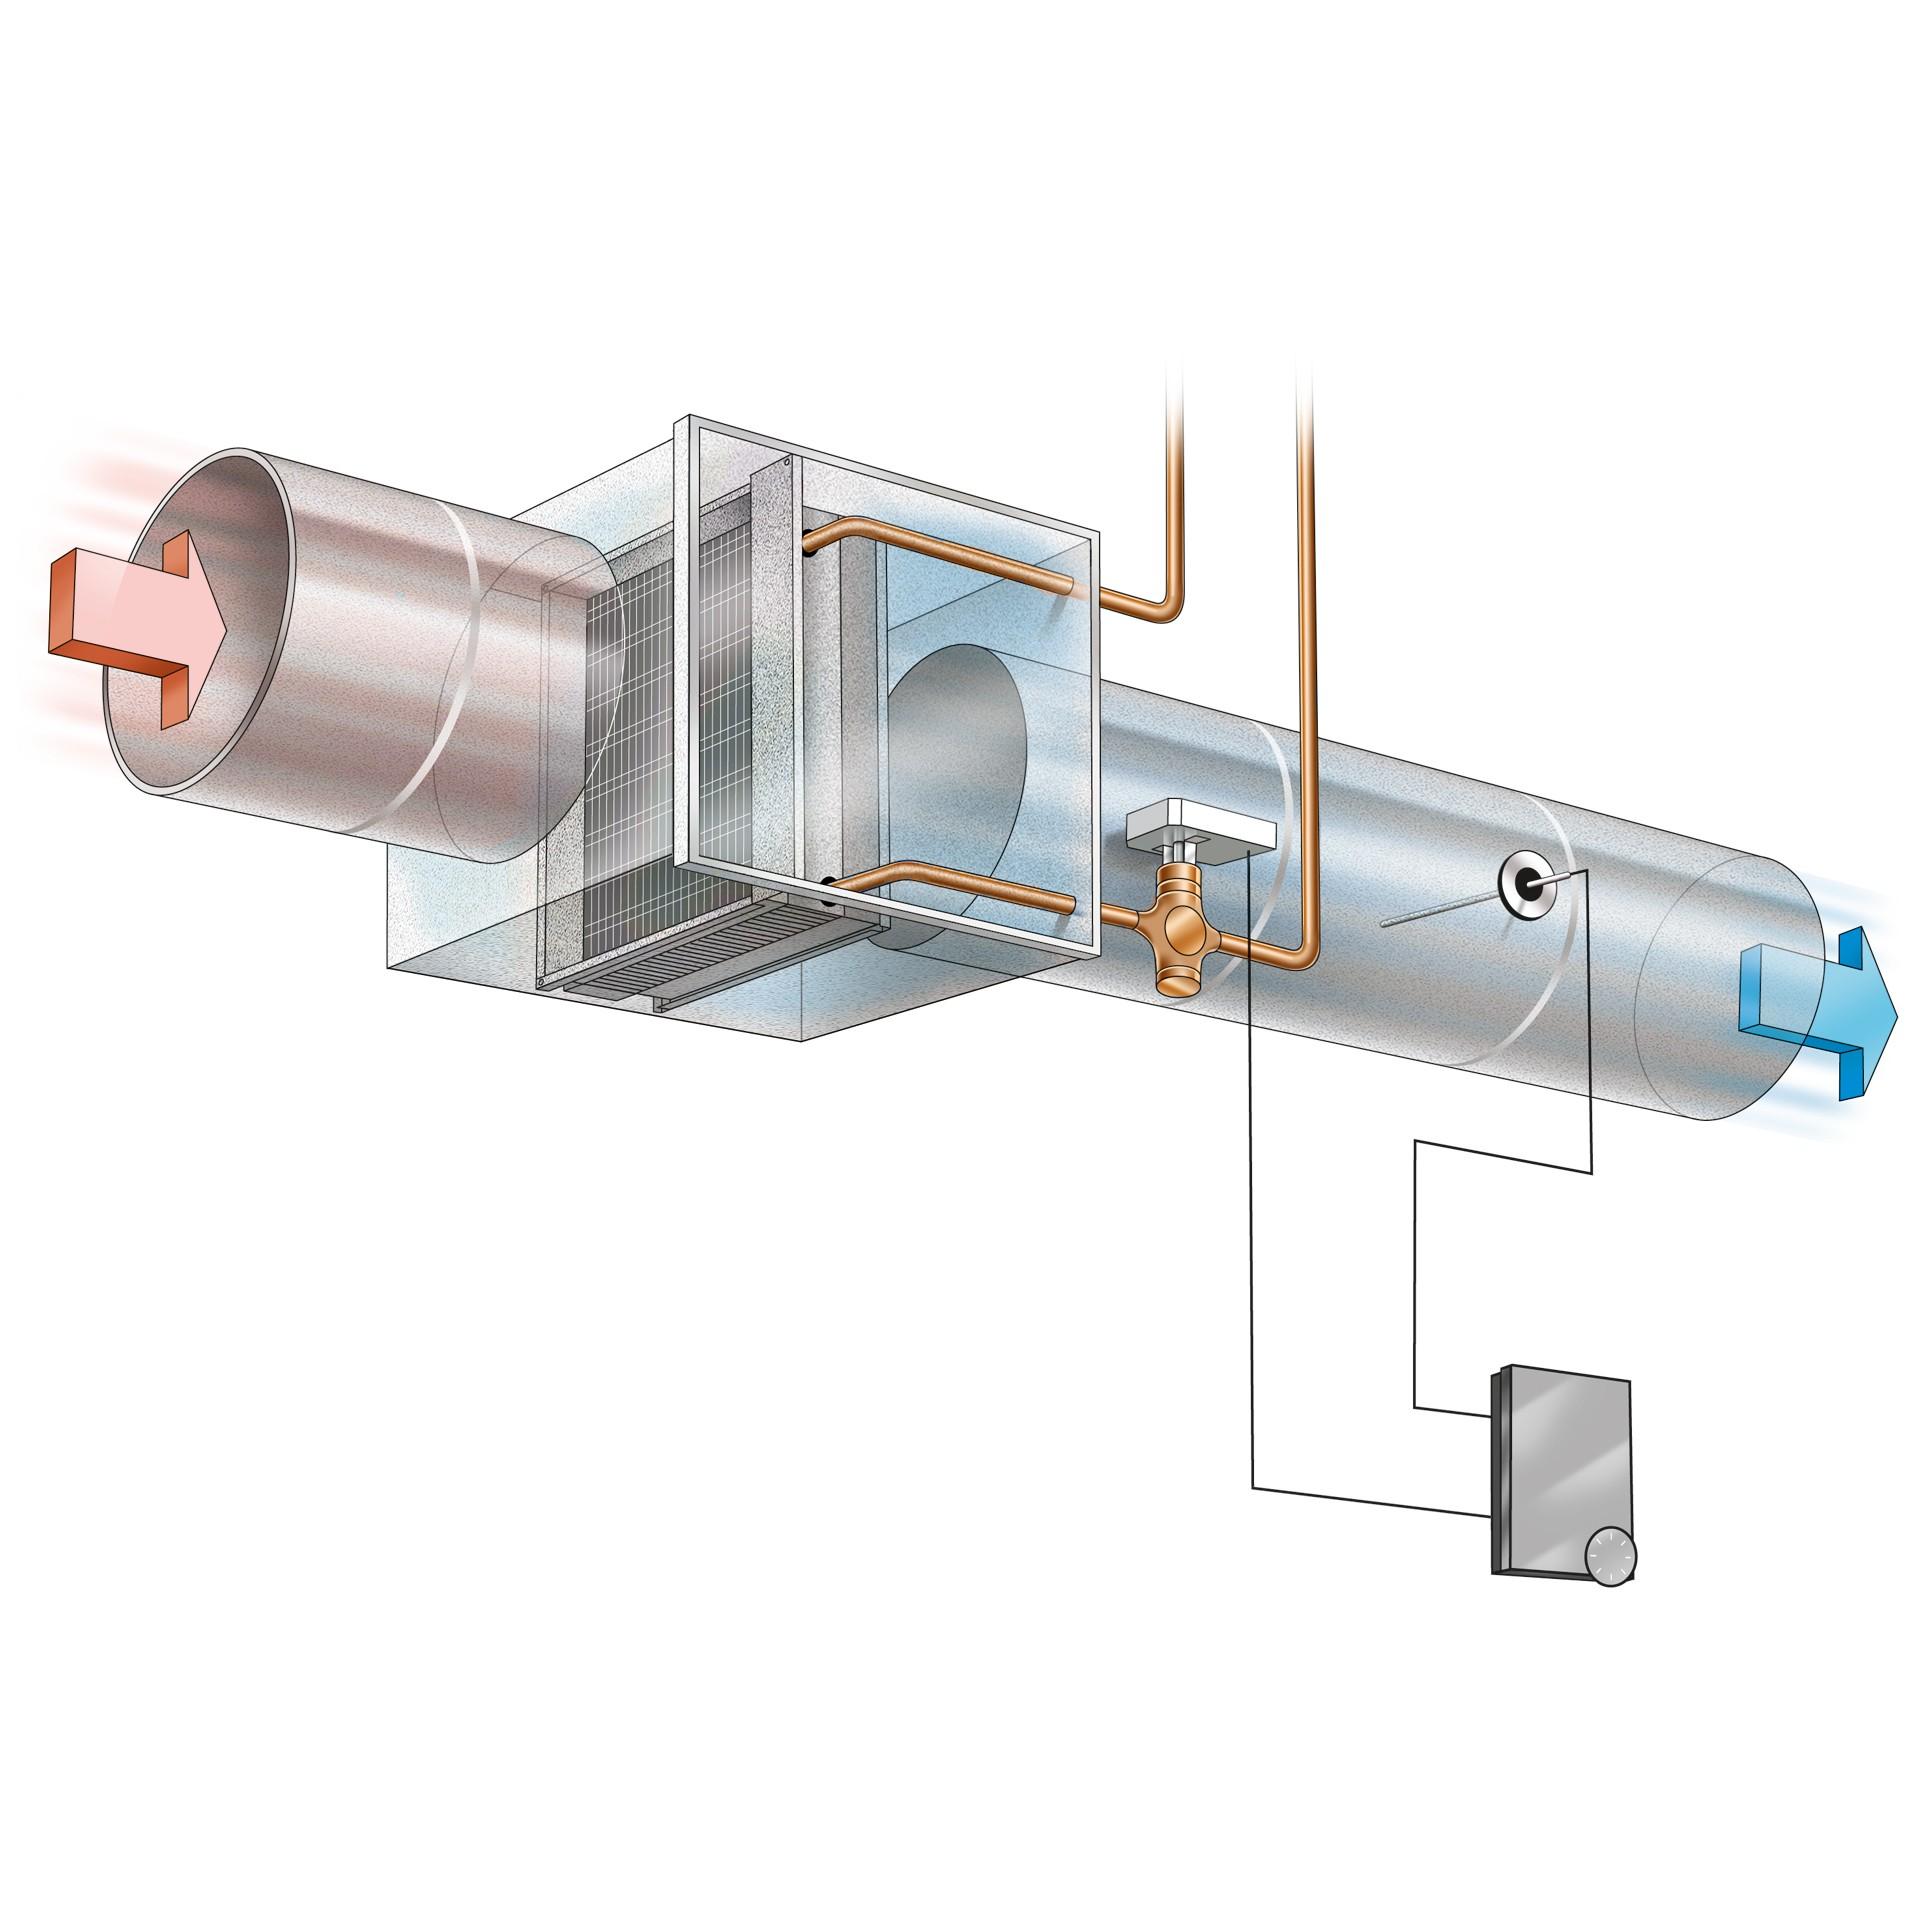 Kanaalkoeler voor in een luchtkanaal van een ventilatiesysteem